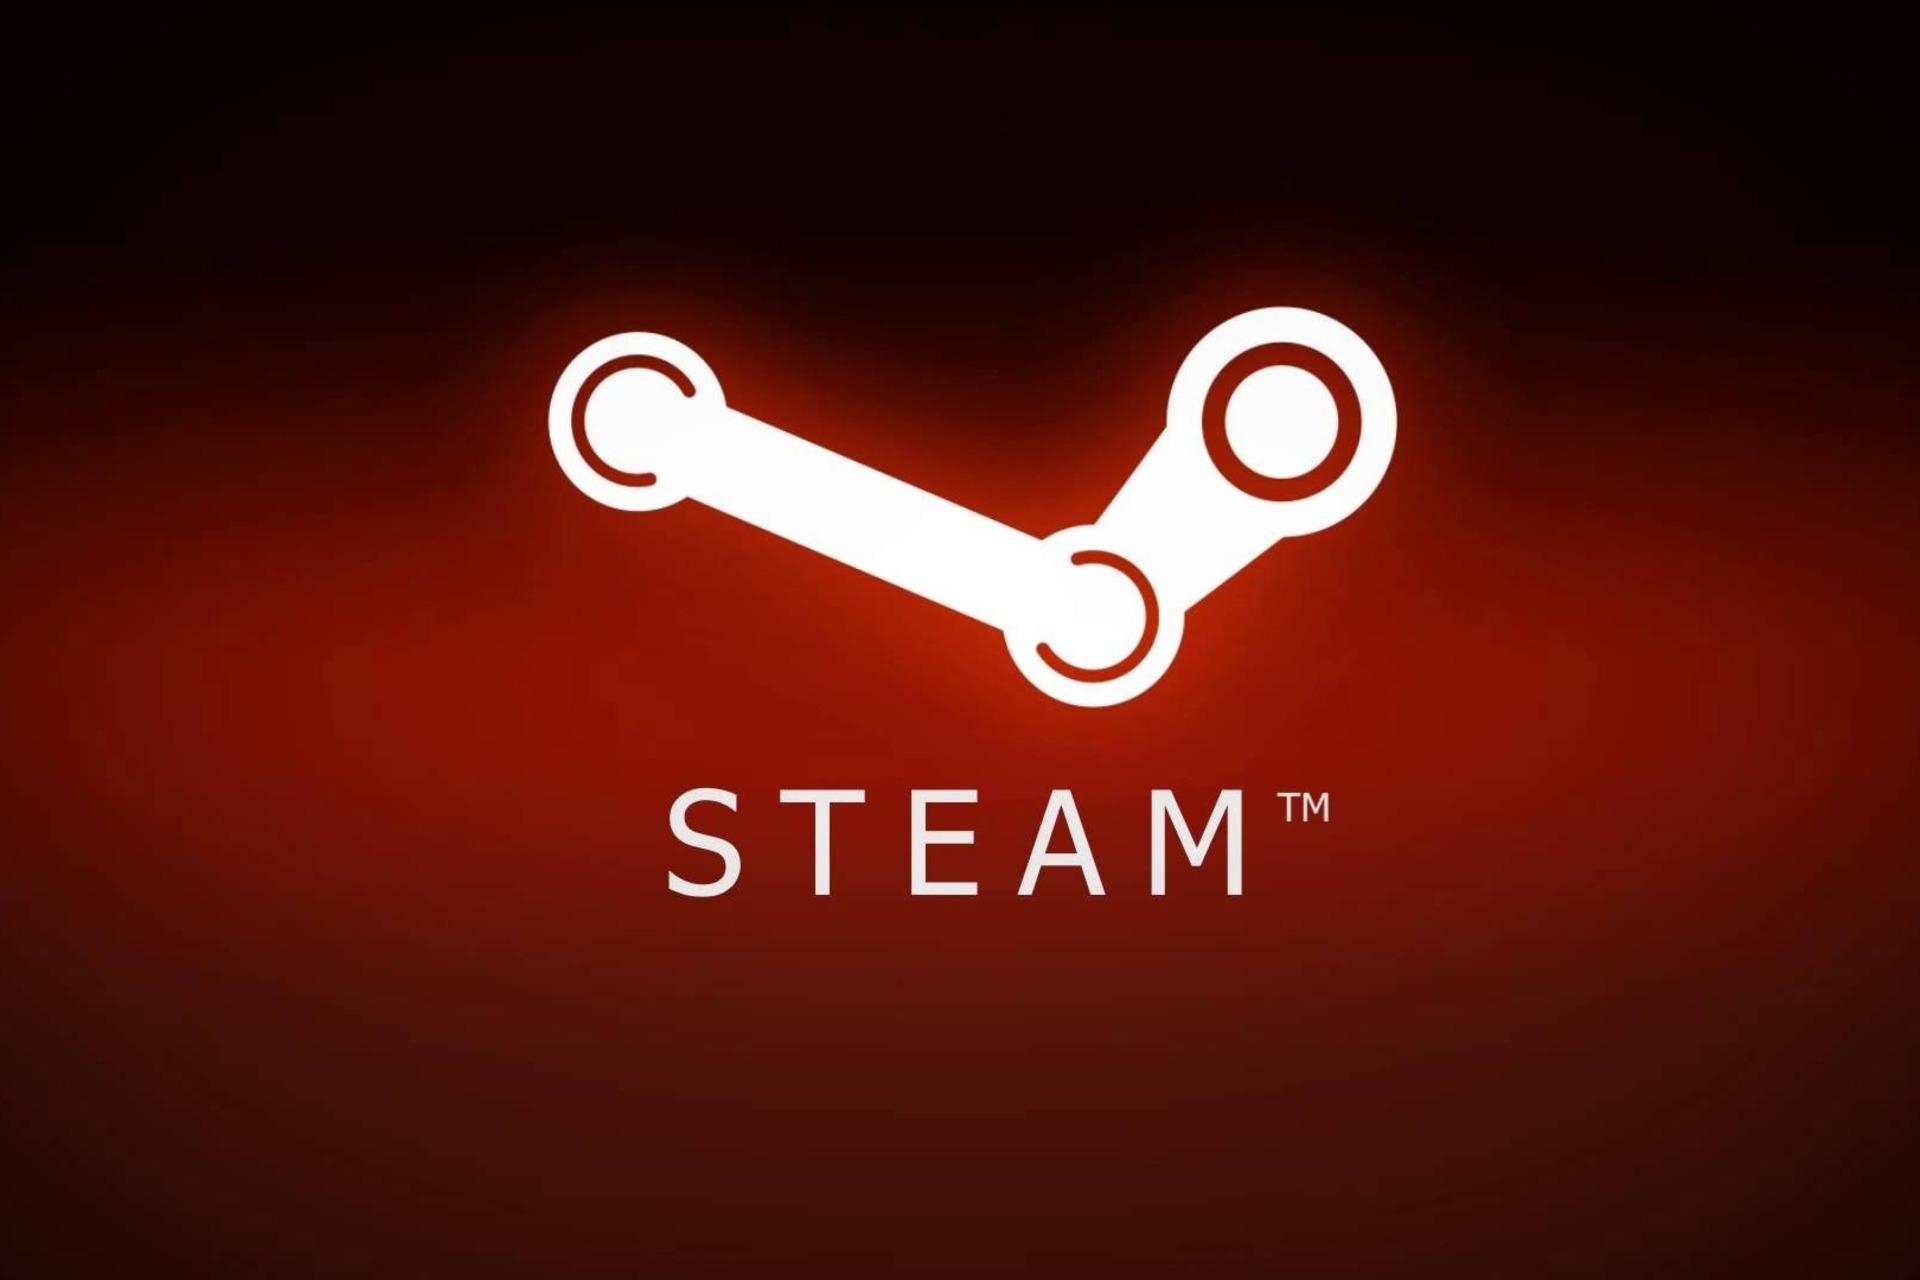 Steam побил рекорд по количеству пользователей. Сервисом пользуются более 26 млн